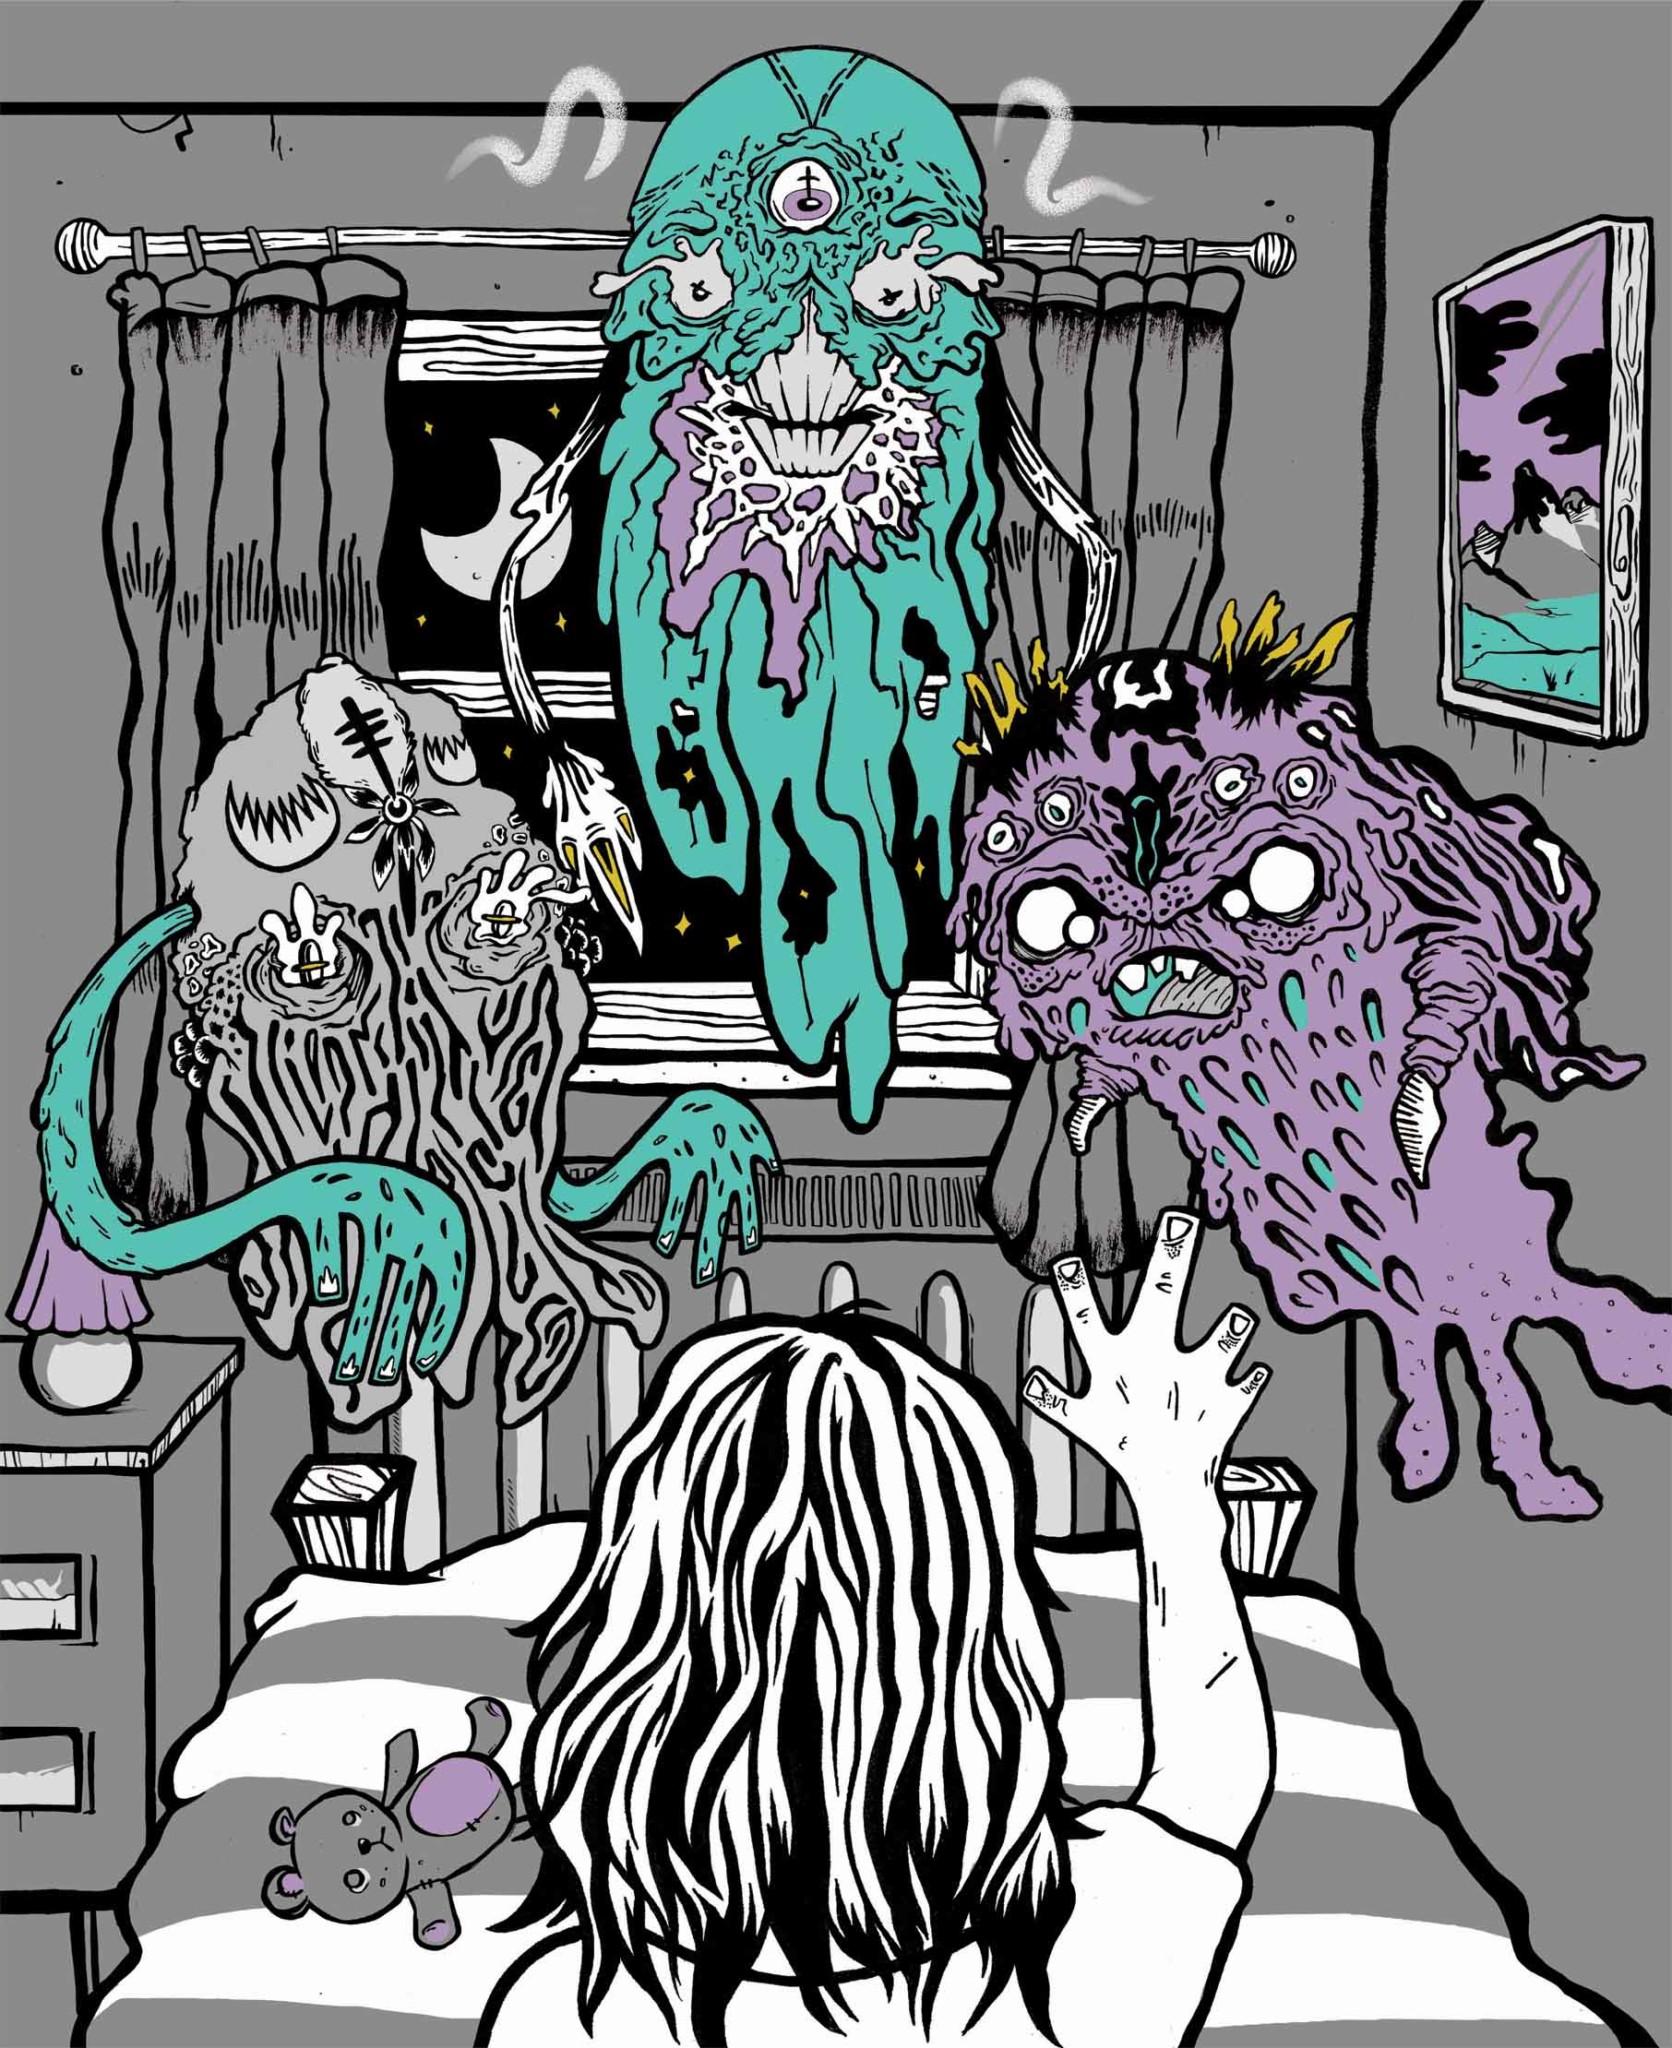 2D Lucid Dream Monsters Character Illustration